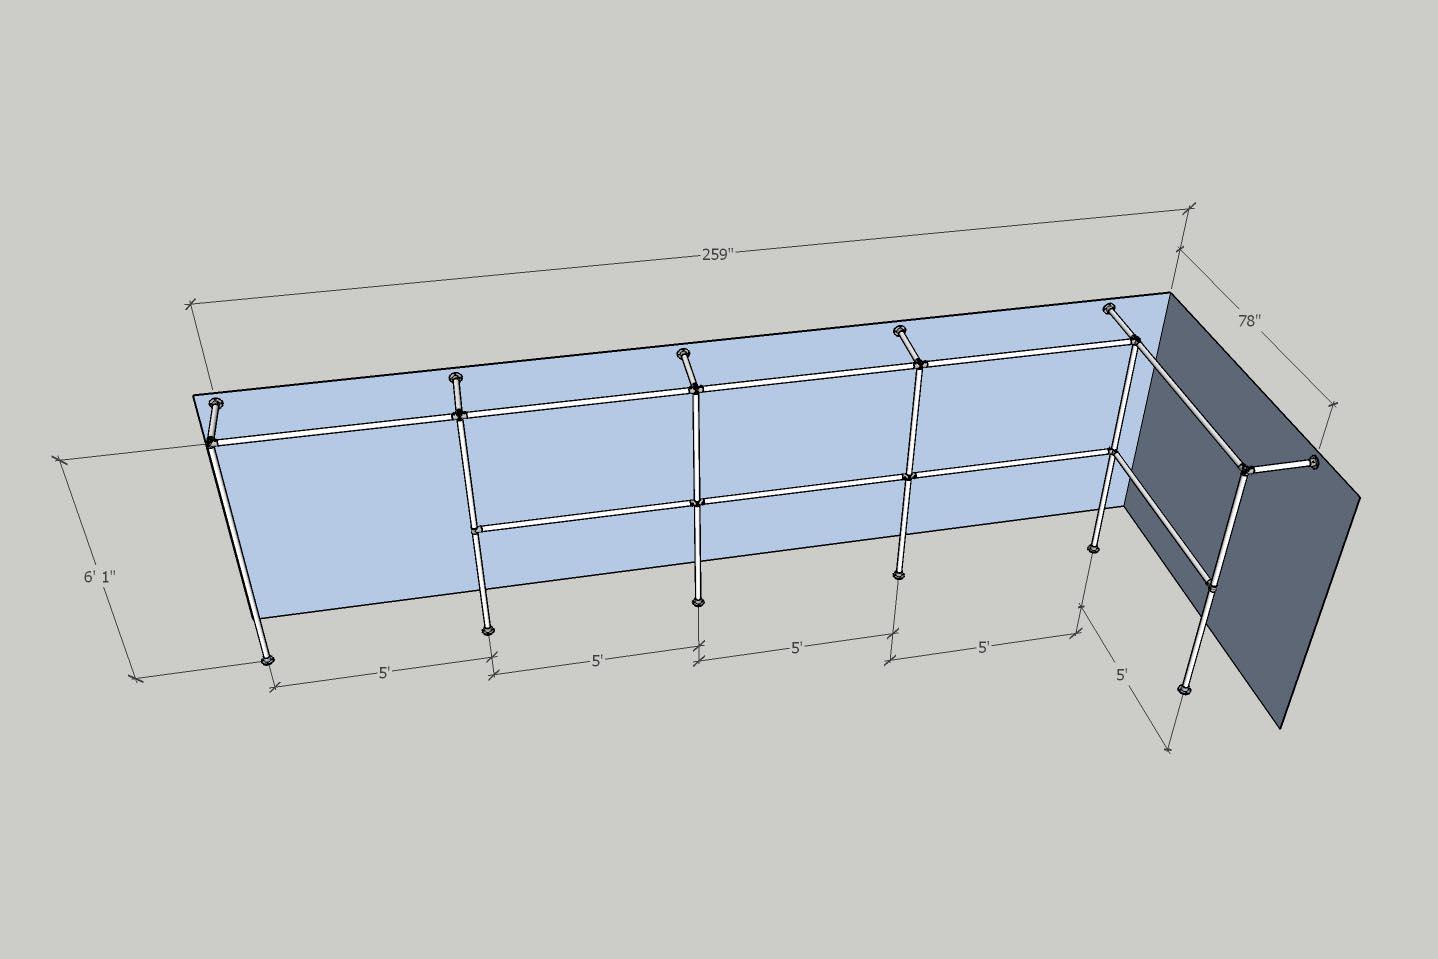 Design for Custom Clothing Racks